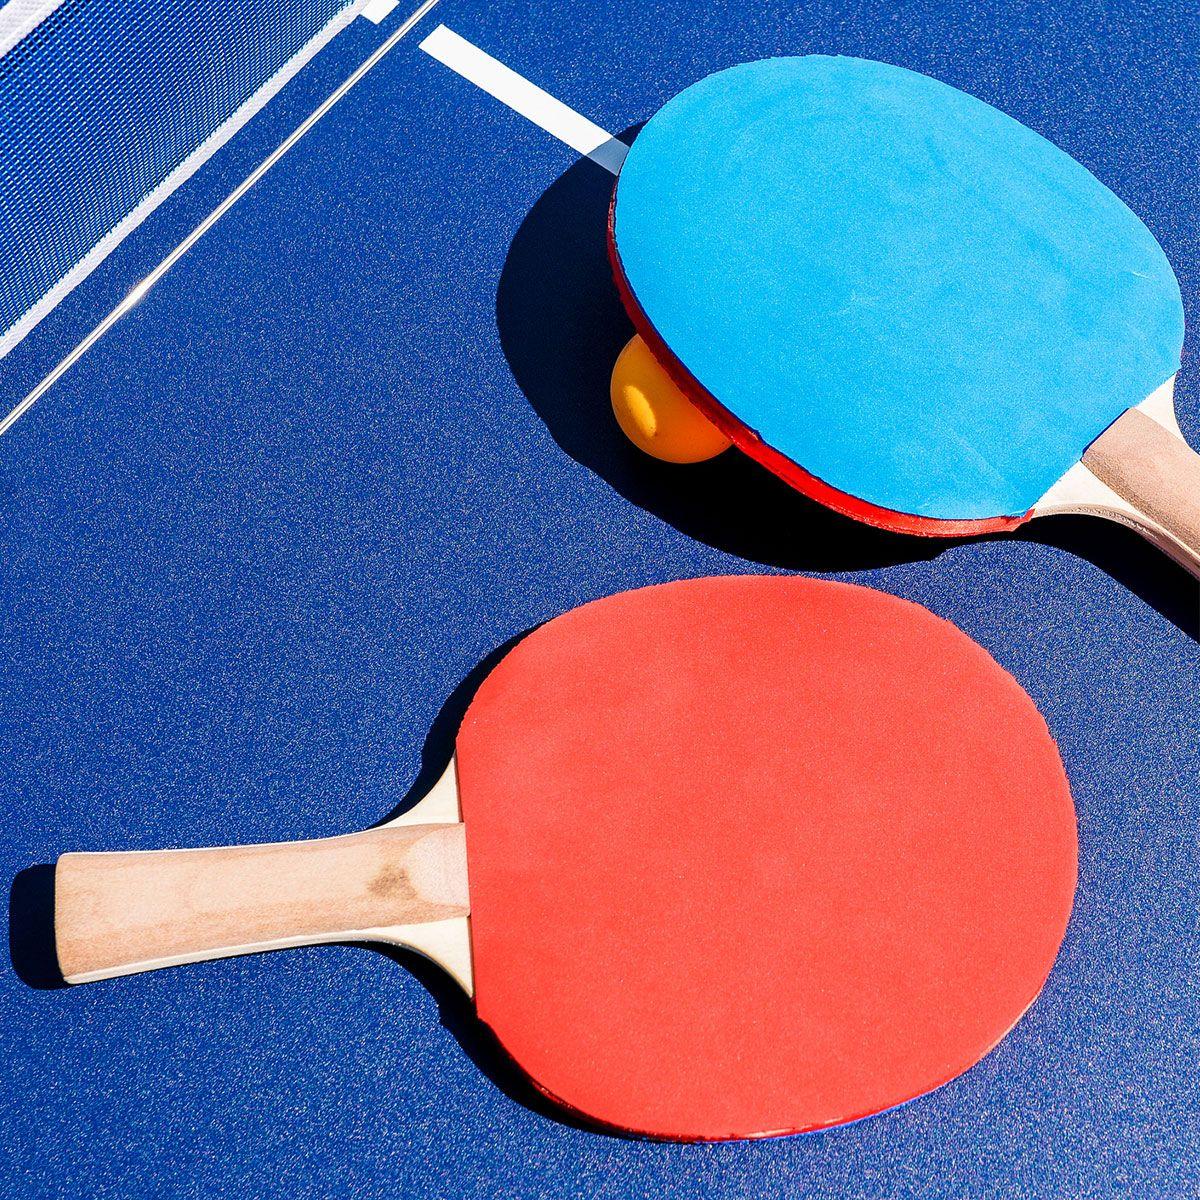 Tennis de table - Séance du 27 juillet